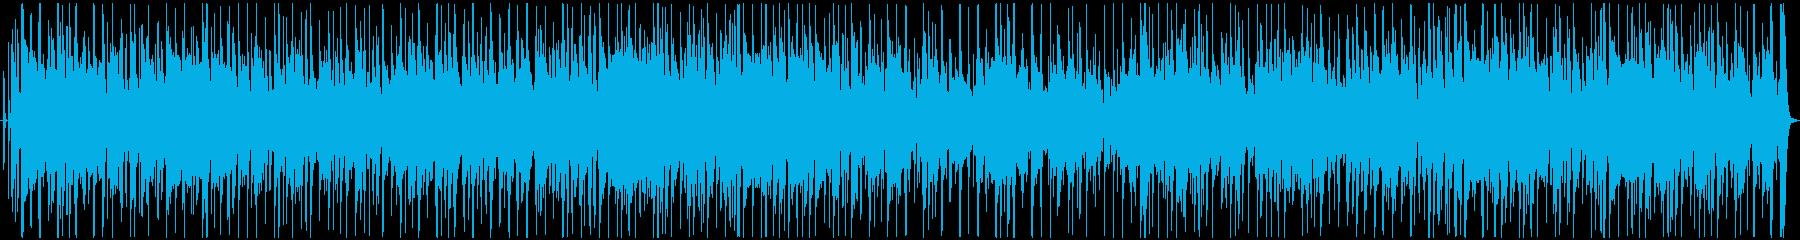 ジャズバンドで演奏されたポジティブ...の再生済みの波形